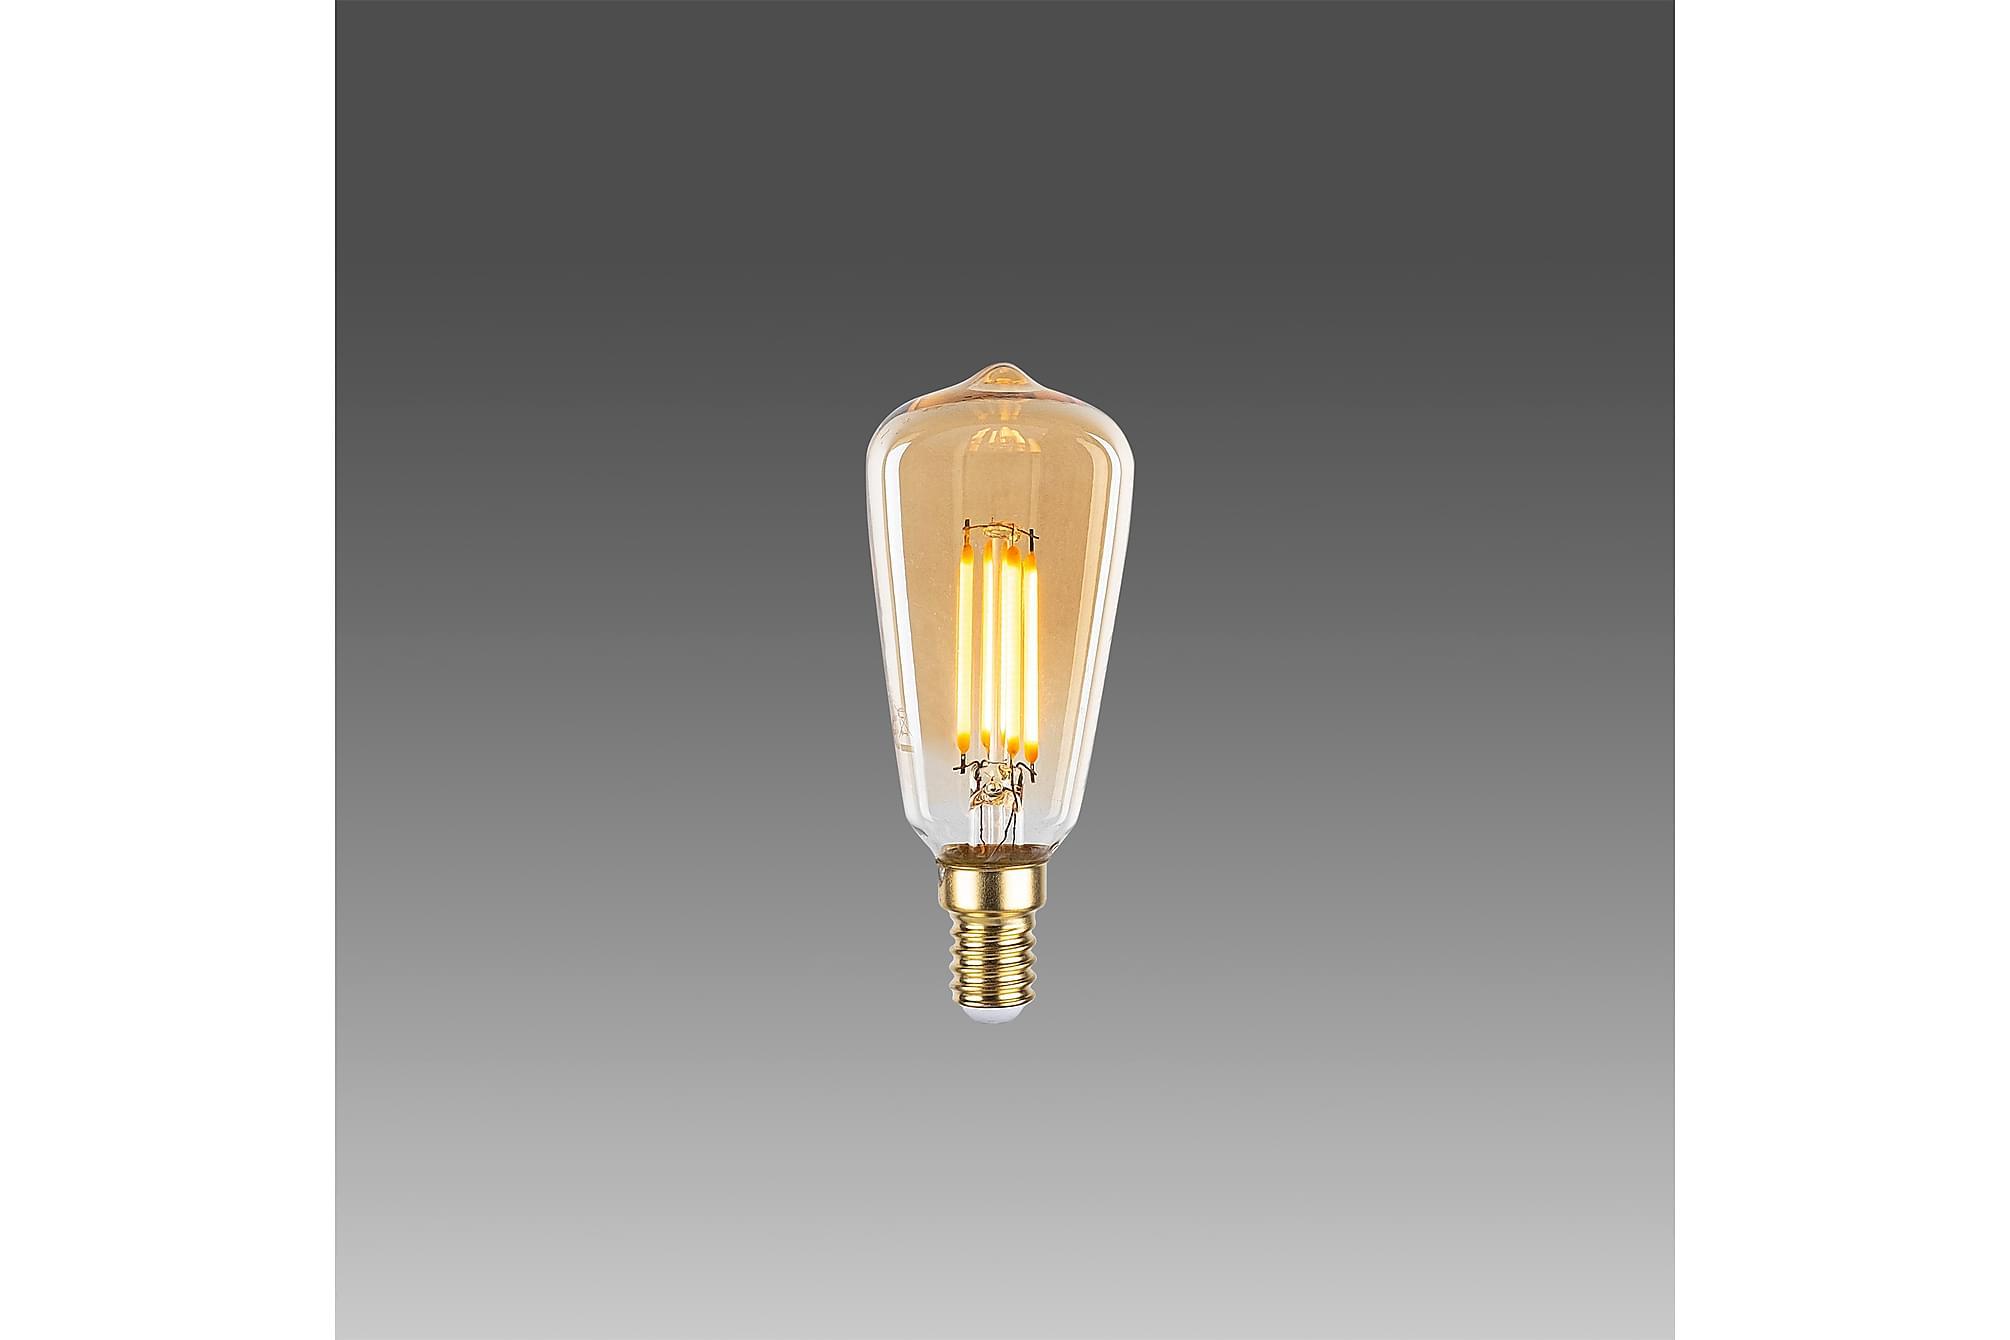 BRASSINGTON Glödlampa Gul, Glödlampor & ljuskällor